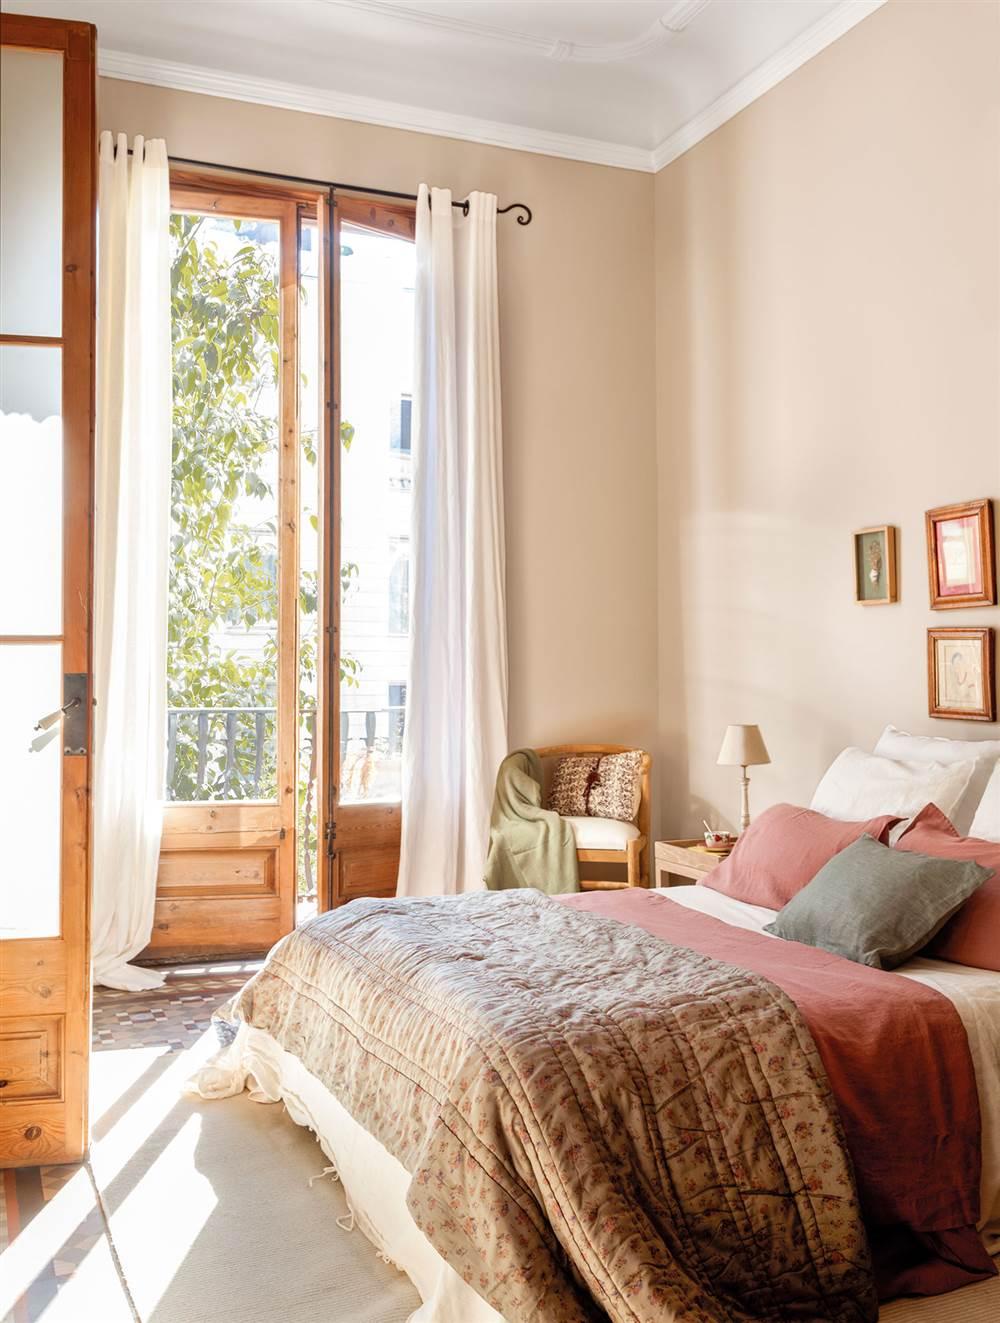 Compartir piso 10 ideas low cost para decorar tu dormitorio